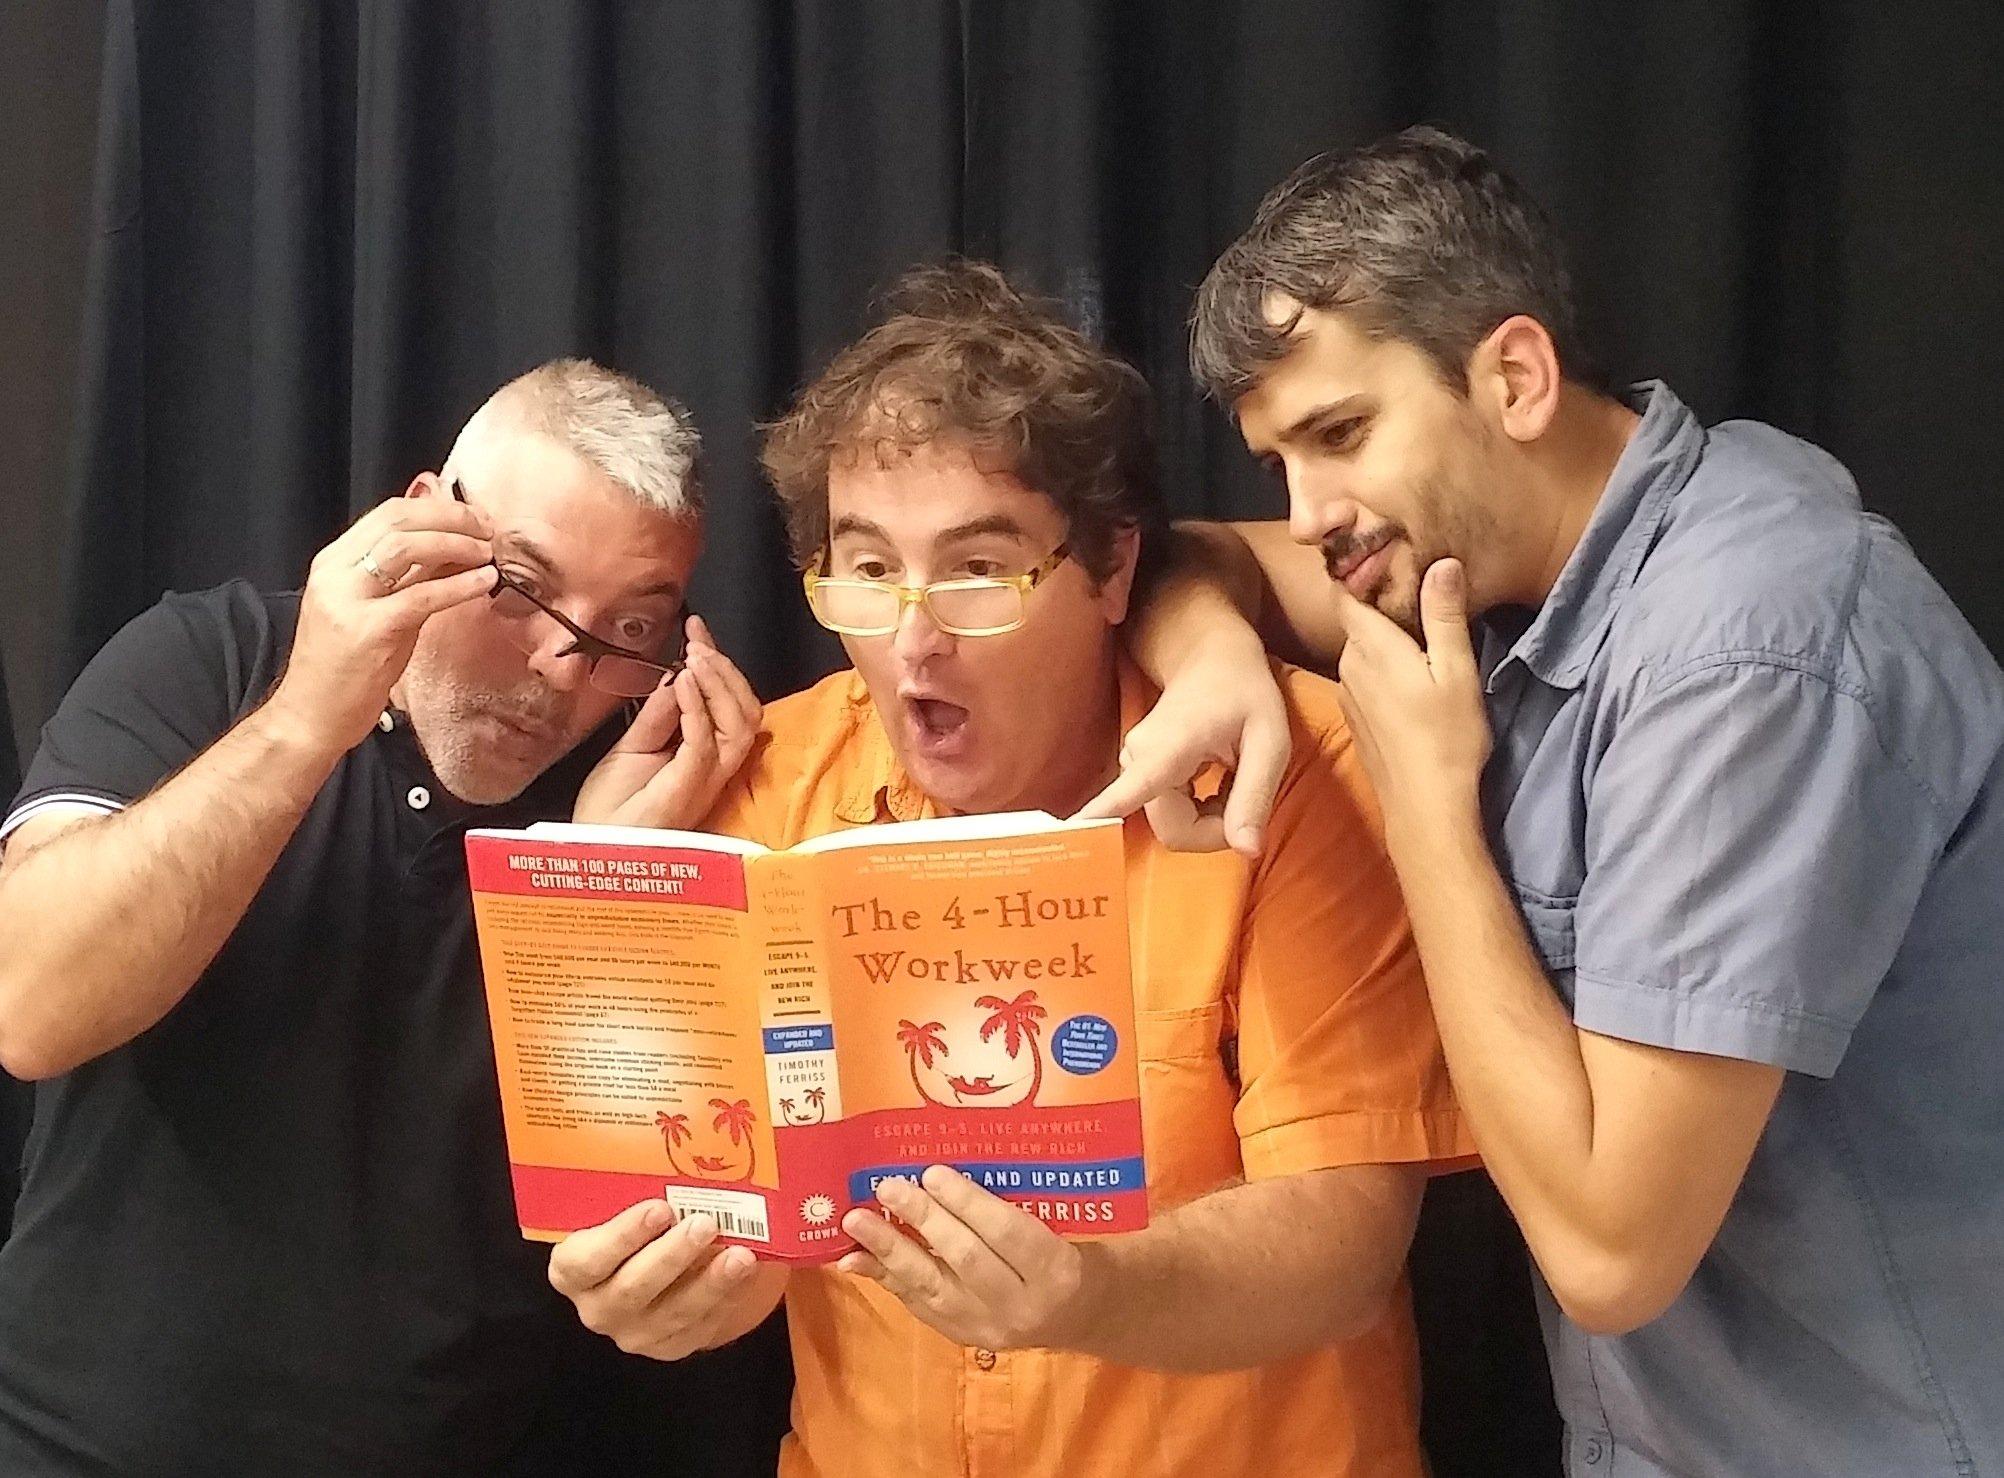 """Zetatesters con el libro """"La semana laboral de 4 horas"""" de Tim Ferriss"""